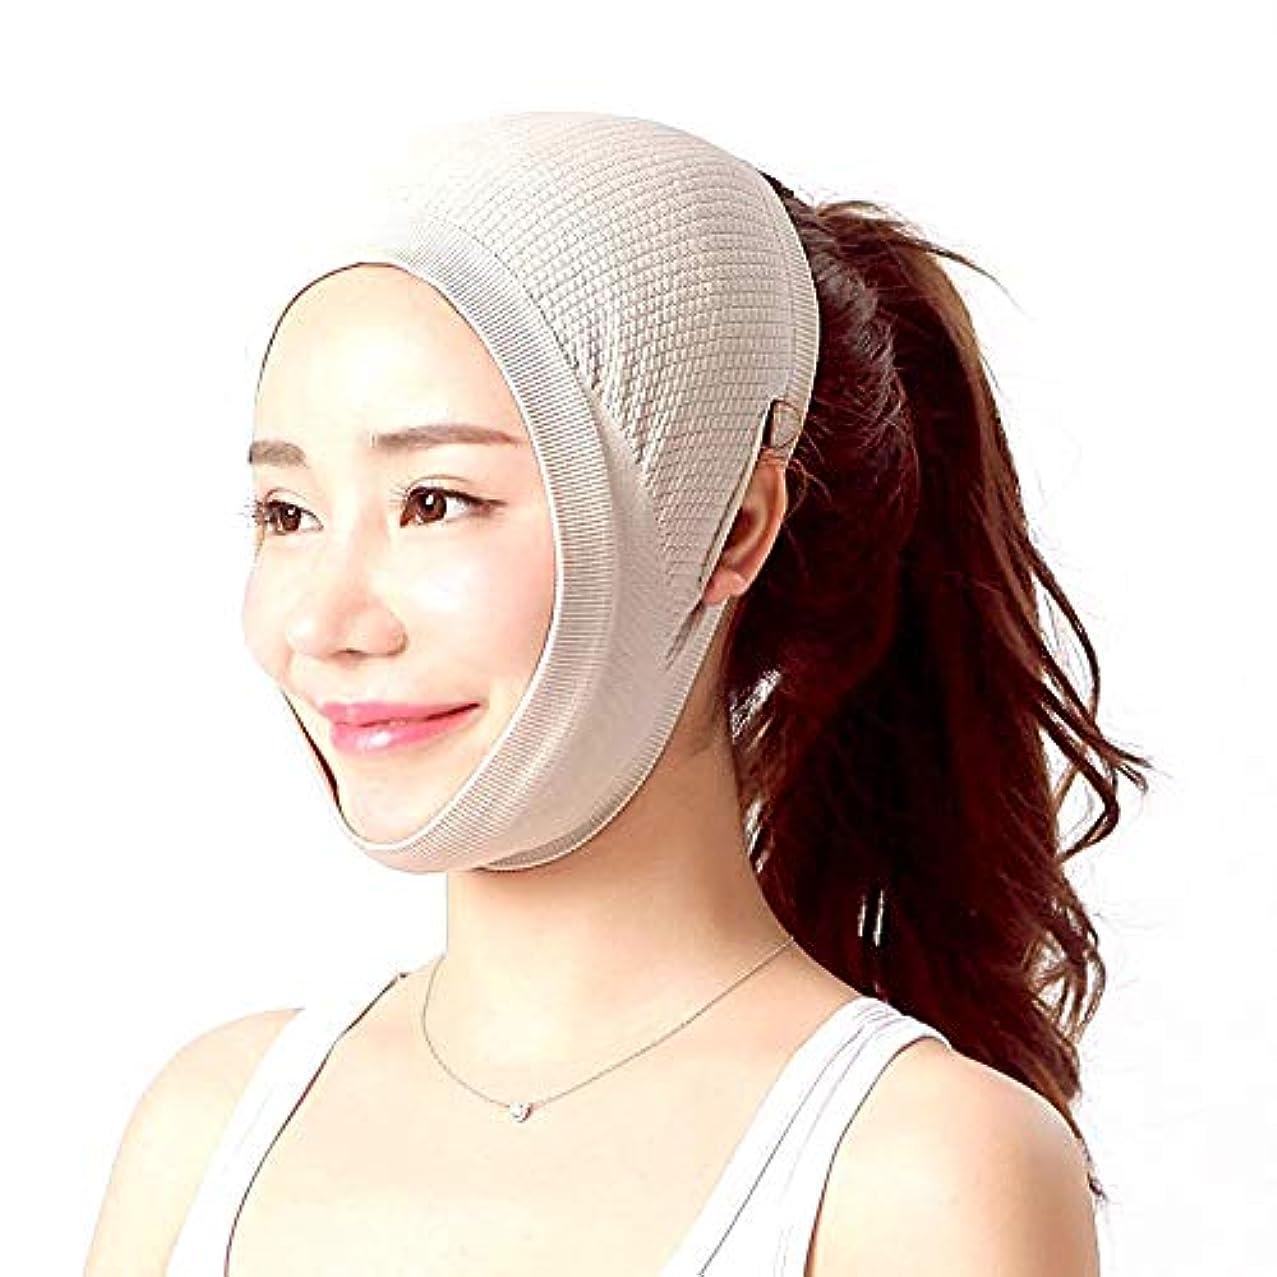 カジュアルどきどき急勾配のMinmin フェイスリフティングアーティファクト包帯ライン術後回復包帯リフティングフェイスフードVフェイス包帯リフティングVフェイス美容マスク - 肌のトーン みんみんVラインフェイスマスク